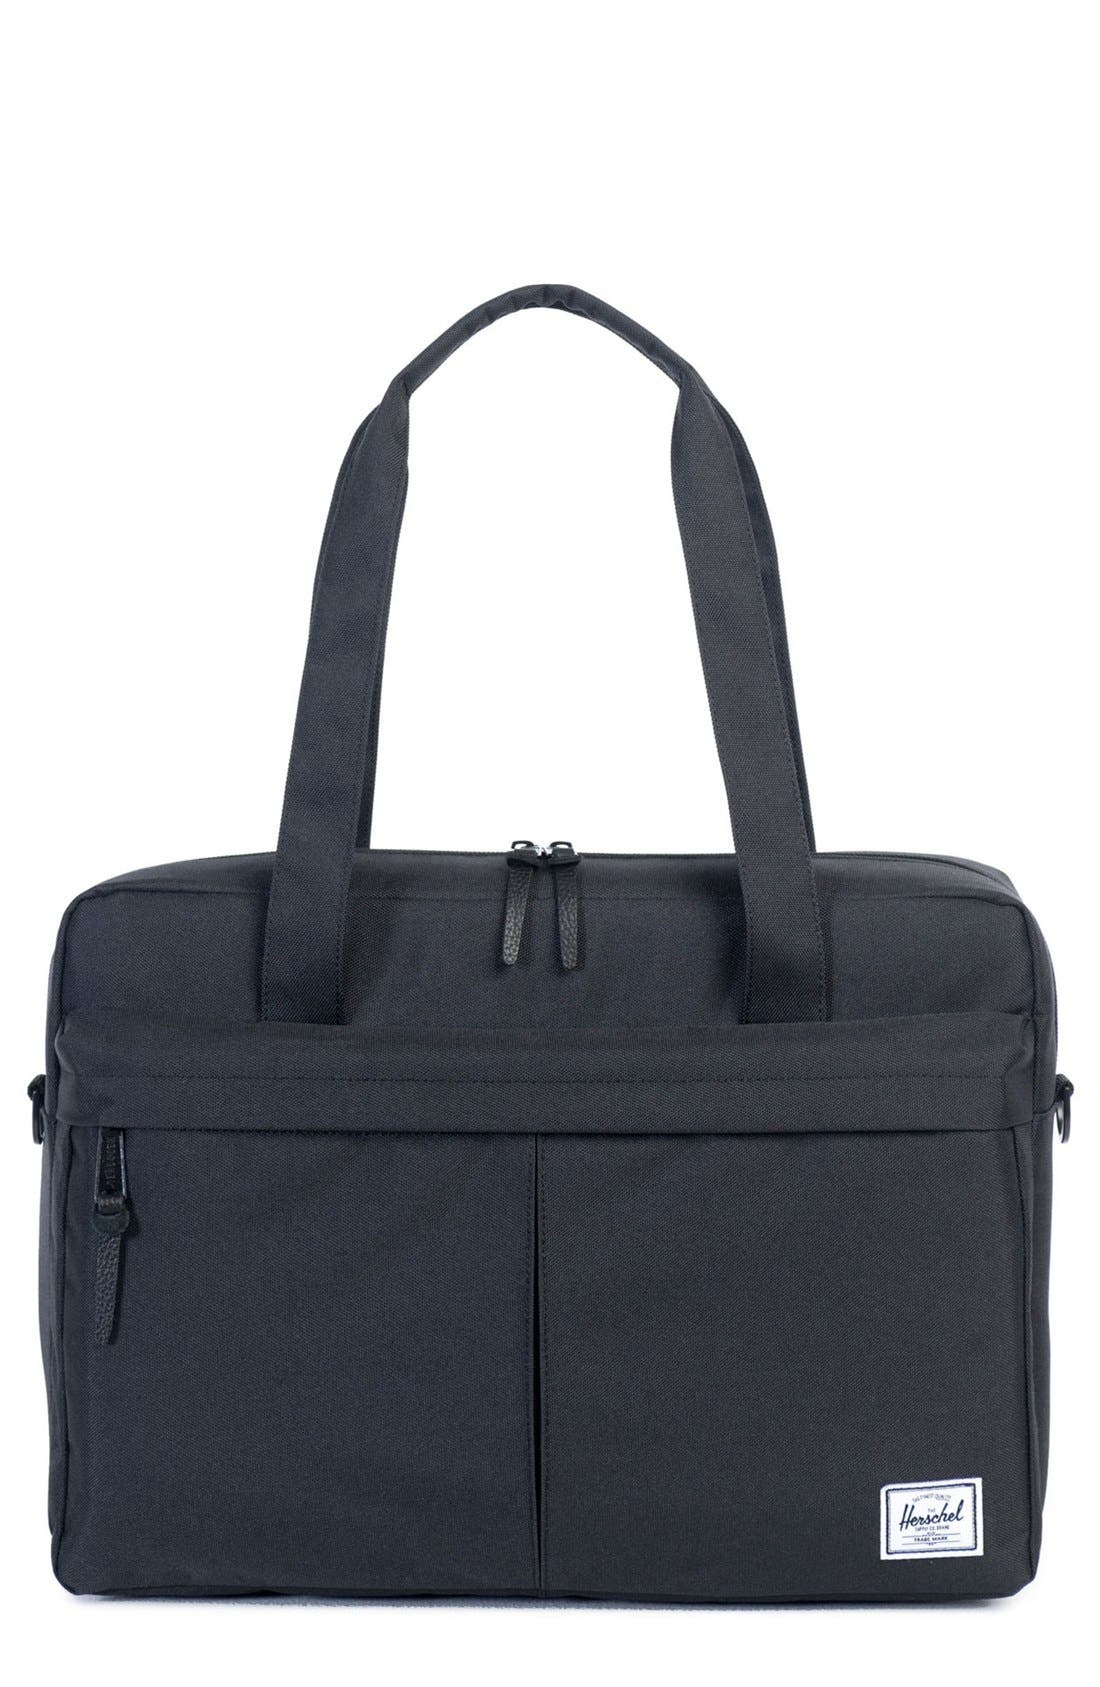 Herschel Supply Co. 'Gibson' Messenger Bag